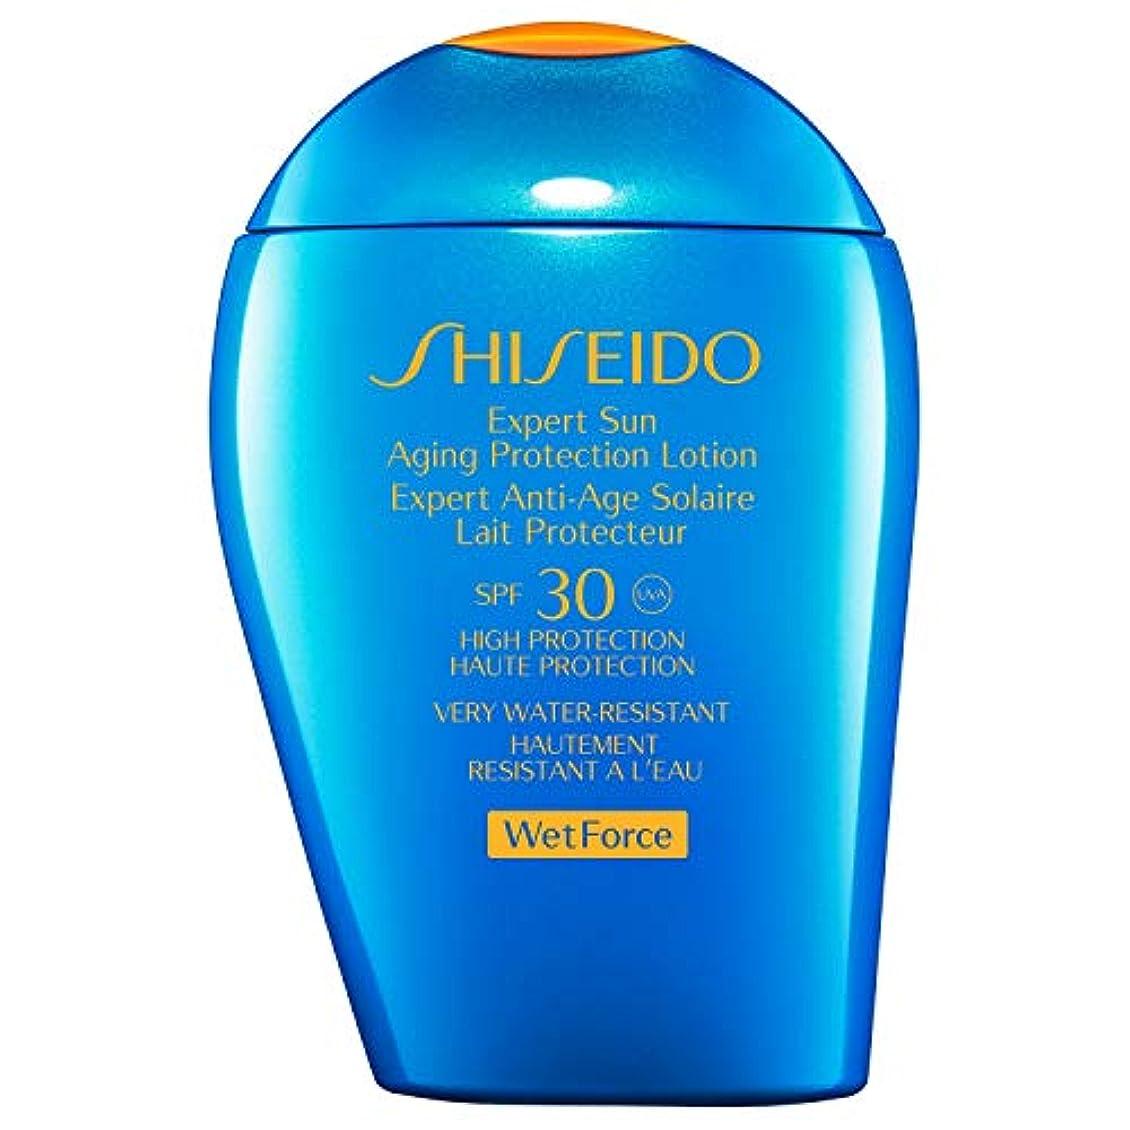 応答追加する逃す[Shiseido] 保護ローションSpf 30 100ミリリットルを老化専門日Wetforce資生堂 - Shiseido Wetforce Expert Sun Aging Protection Lotion Spf...